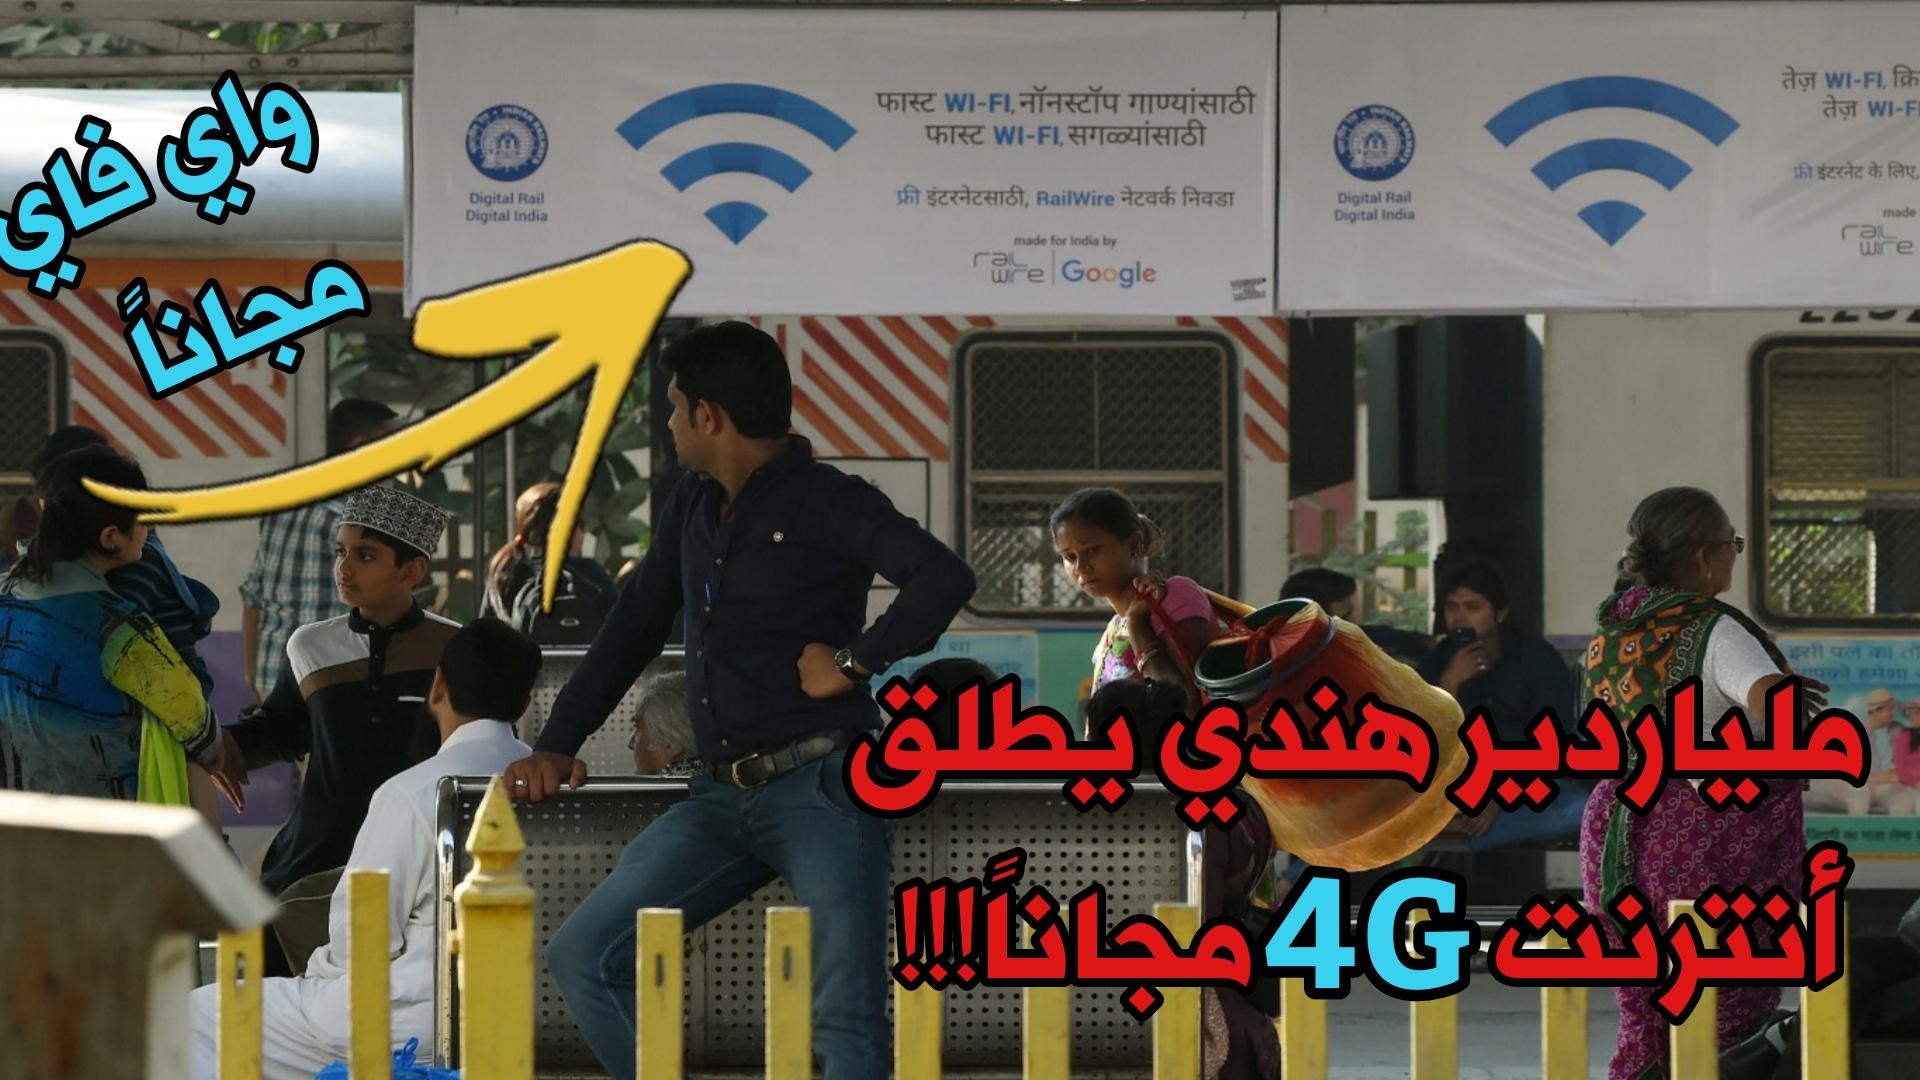 ملياردير هندي يطلق خدمة 4G مجاناً !!! ما هو برنامج Google Station للواي فاي المجاني الذي ساعد 10 ملايين شخص